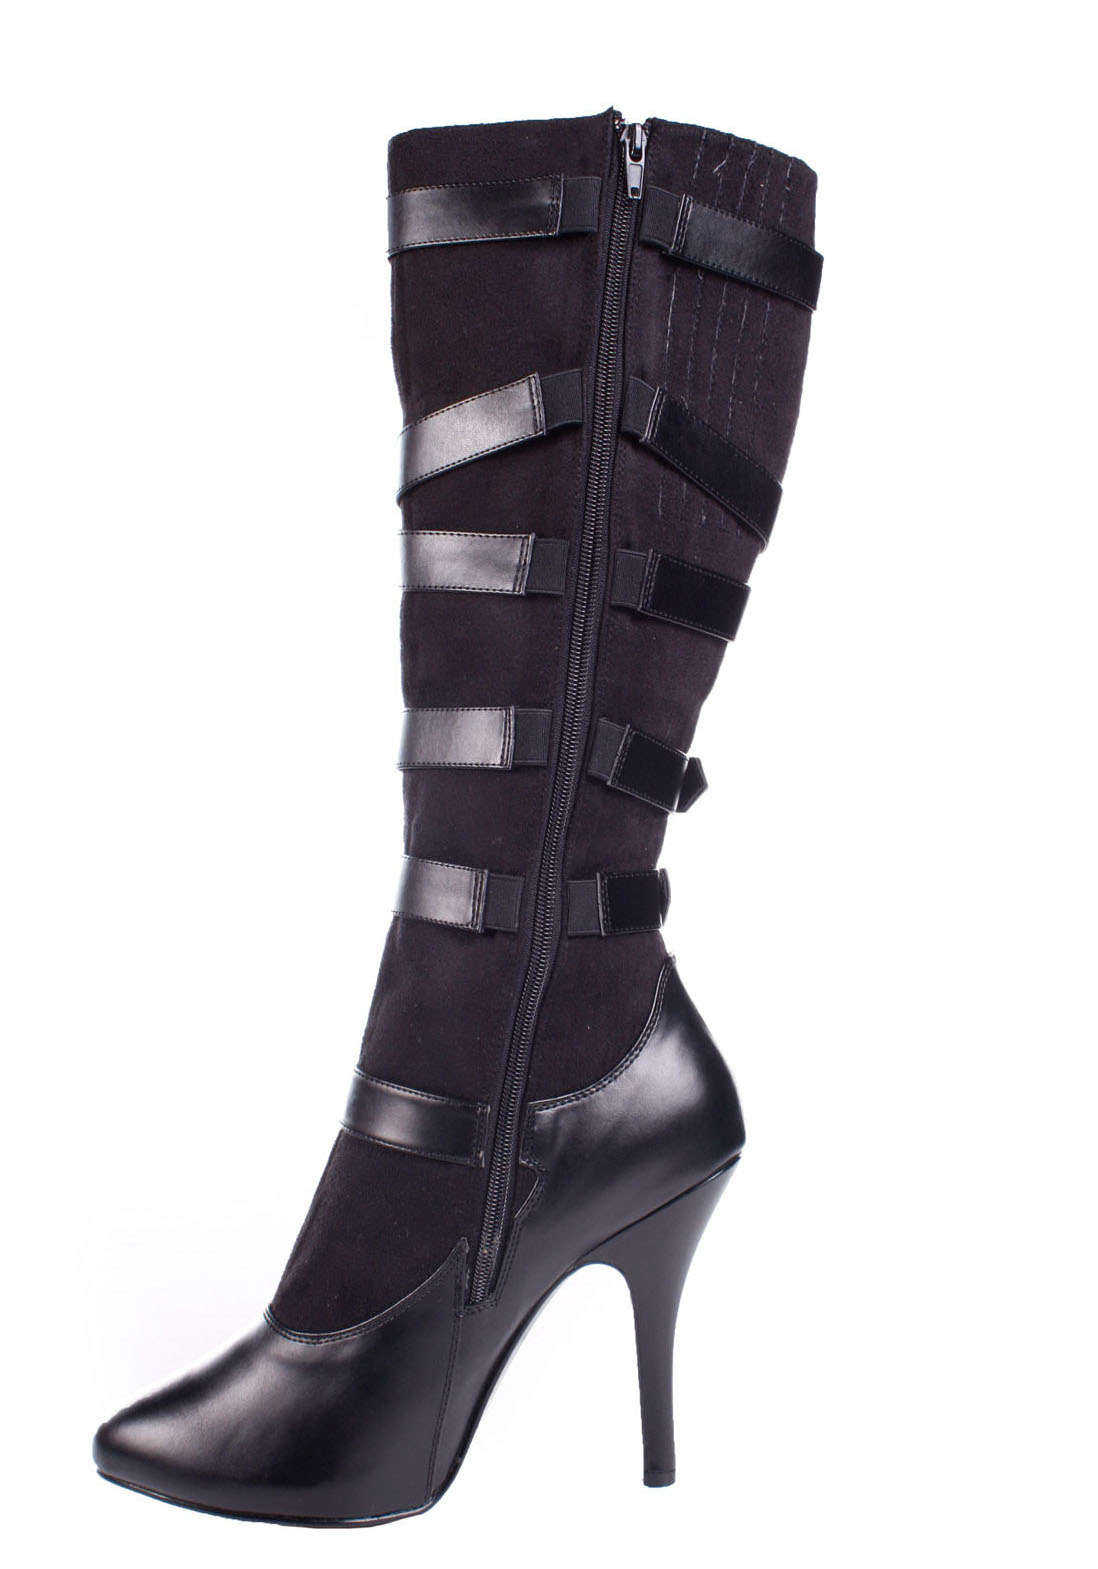 pleaser arena 2030 s 4 1 2 inch heel knee boots ebay